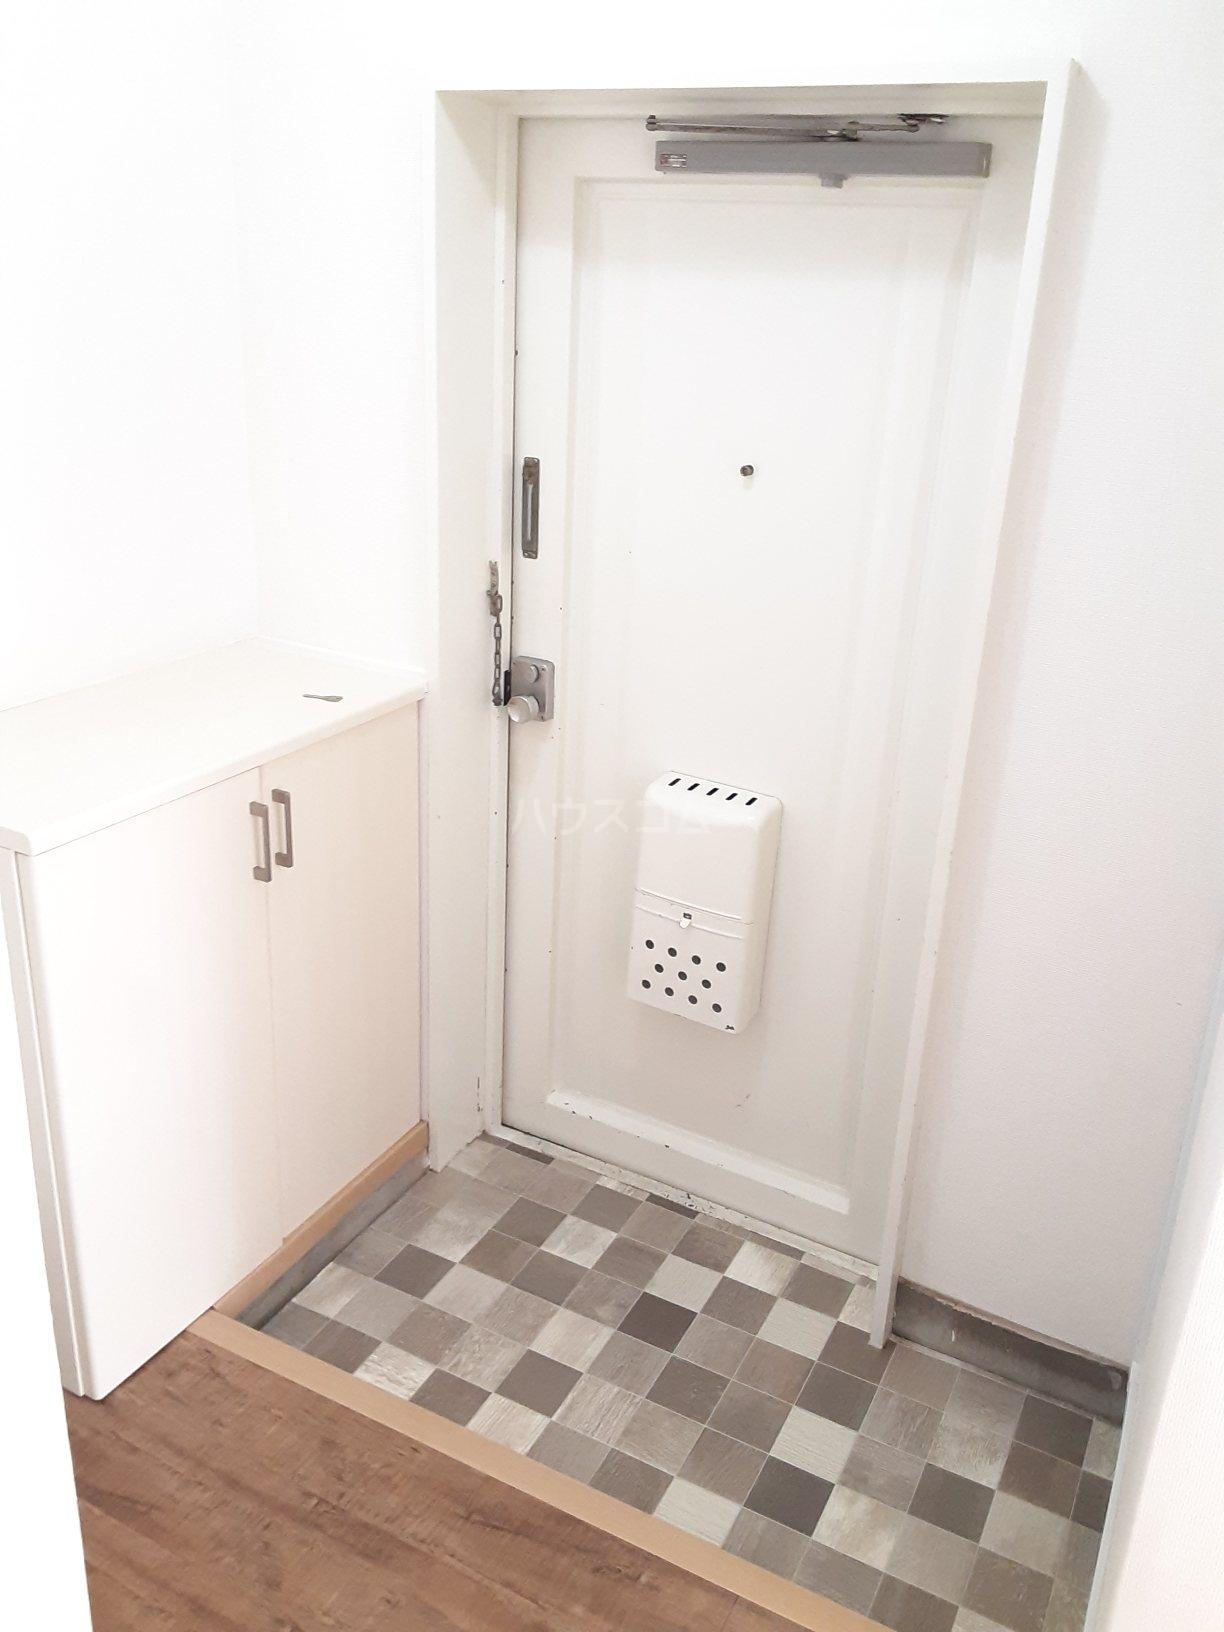 マンションカメリアⅠ 103号室のバルコニー